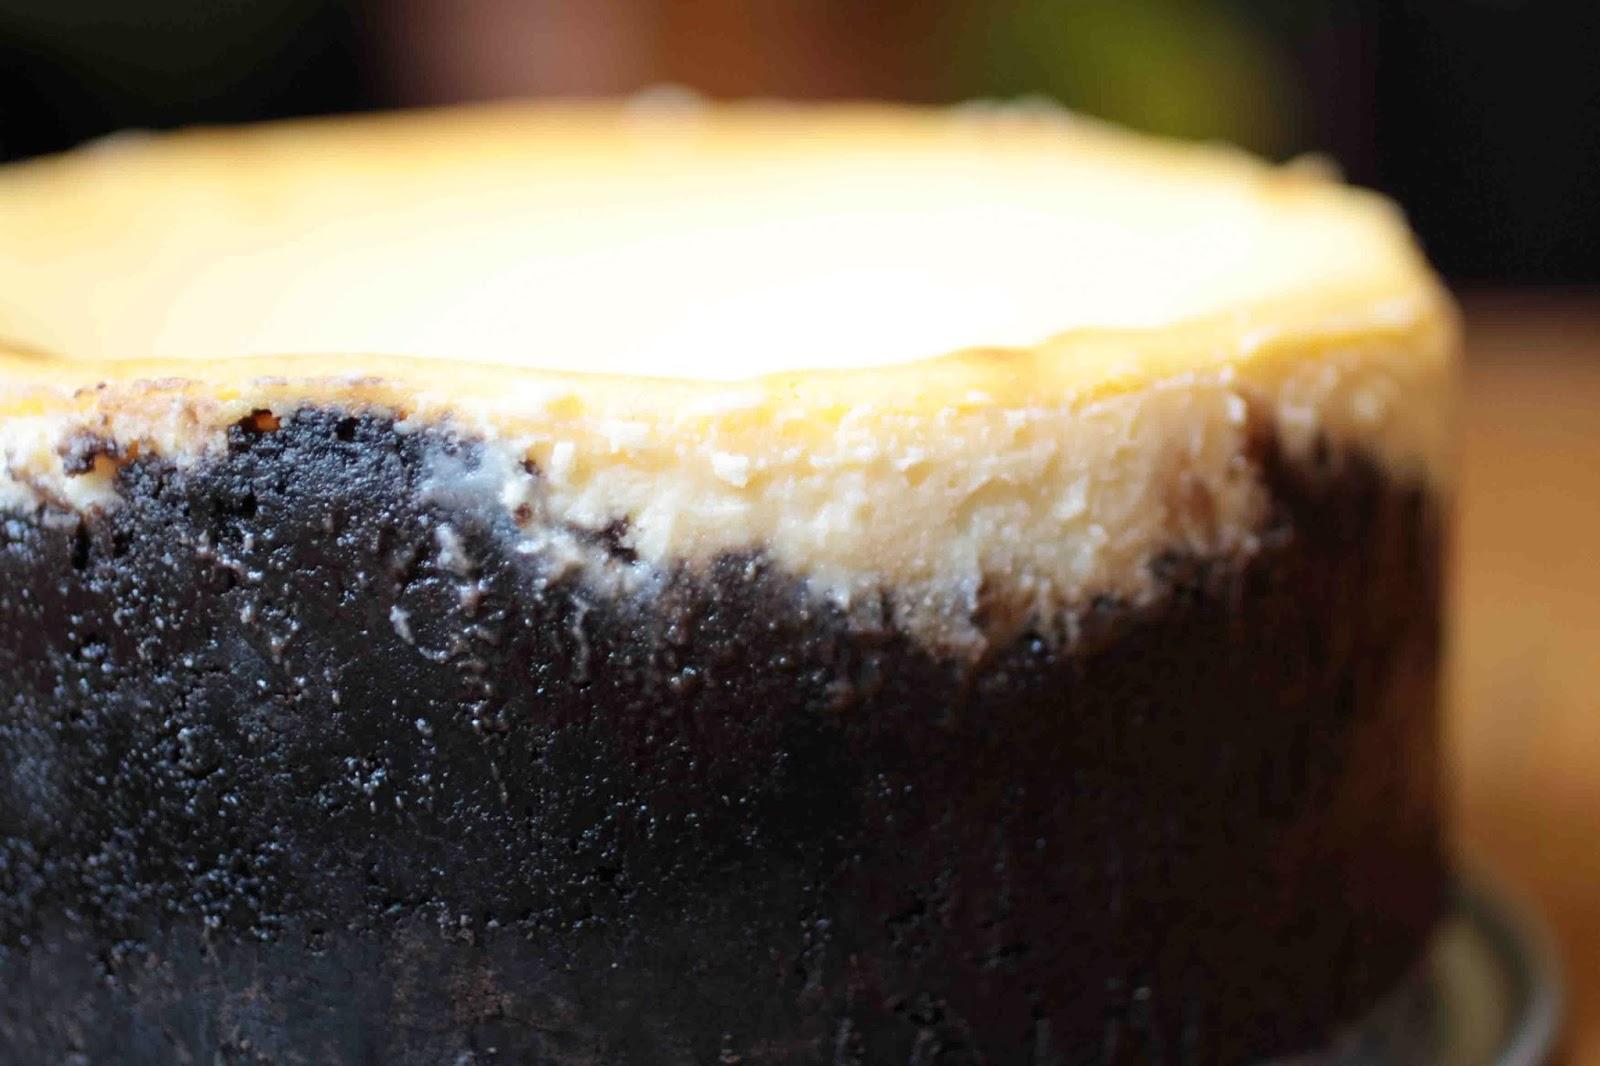 Camille en chocolat: Cheesecake chocolat blanc et fruits ...